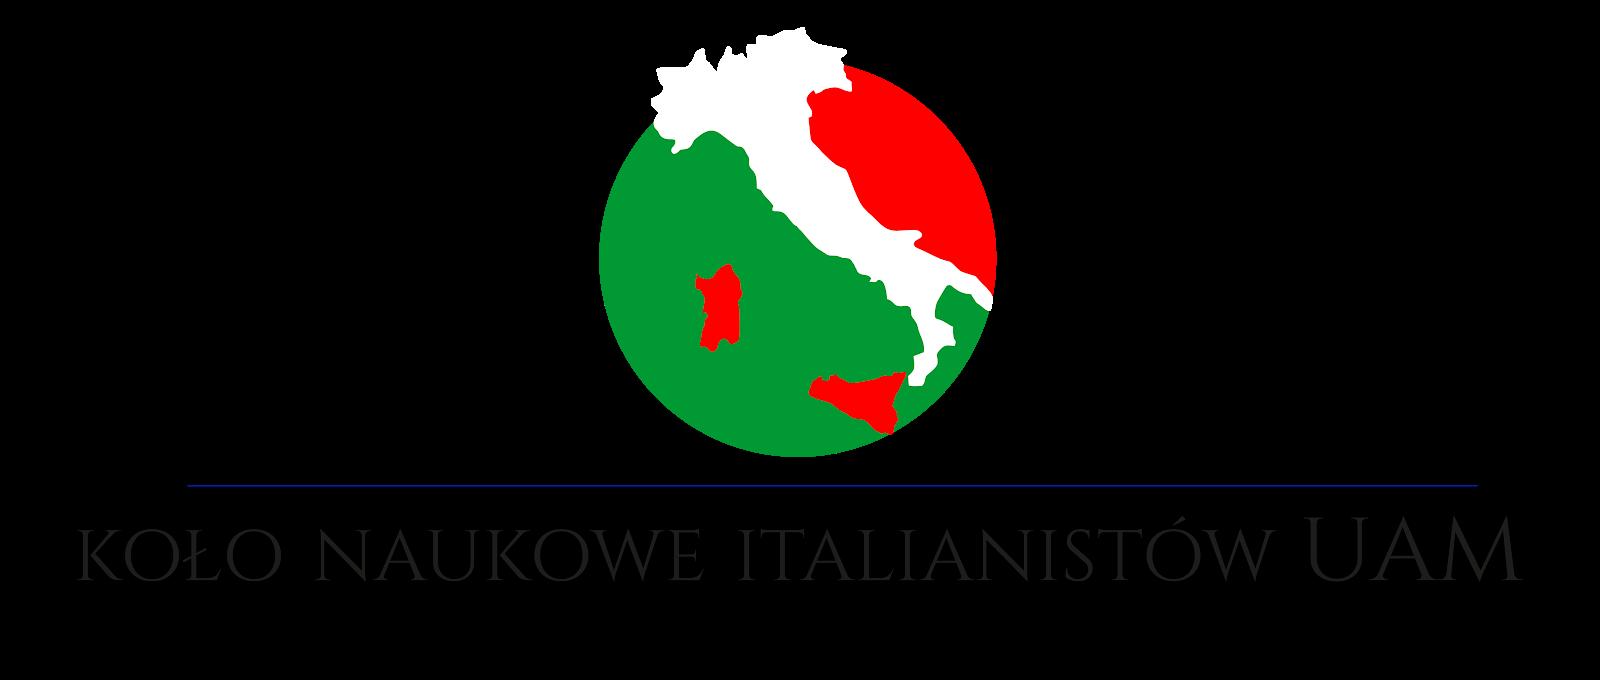 Koło Naukowe Italianistów